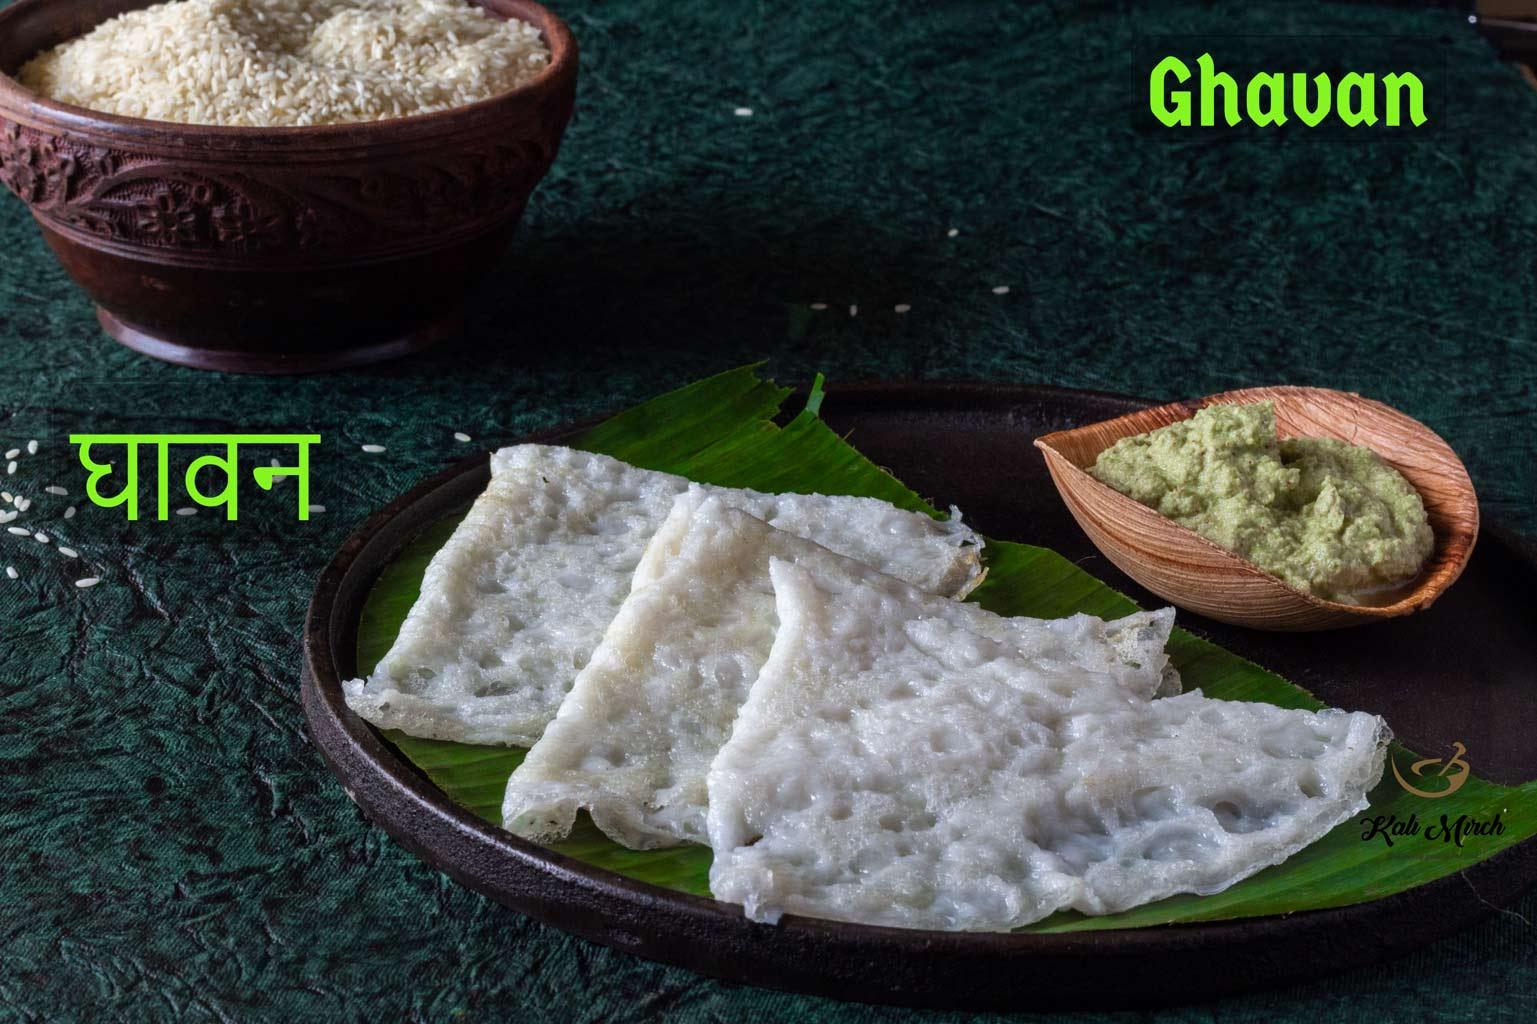 Ghavan